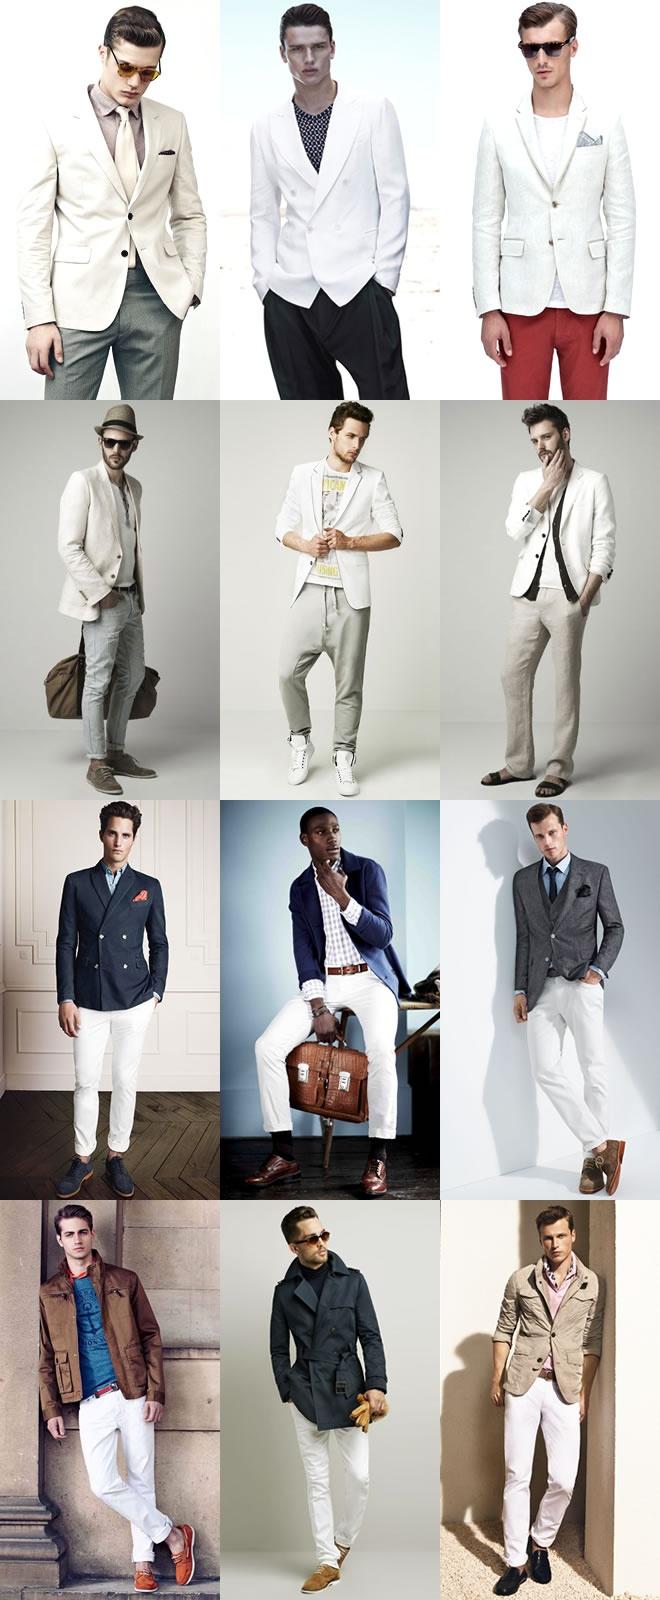 Men's White Suits - Utilising As Separates